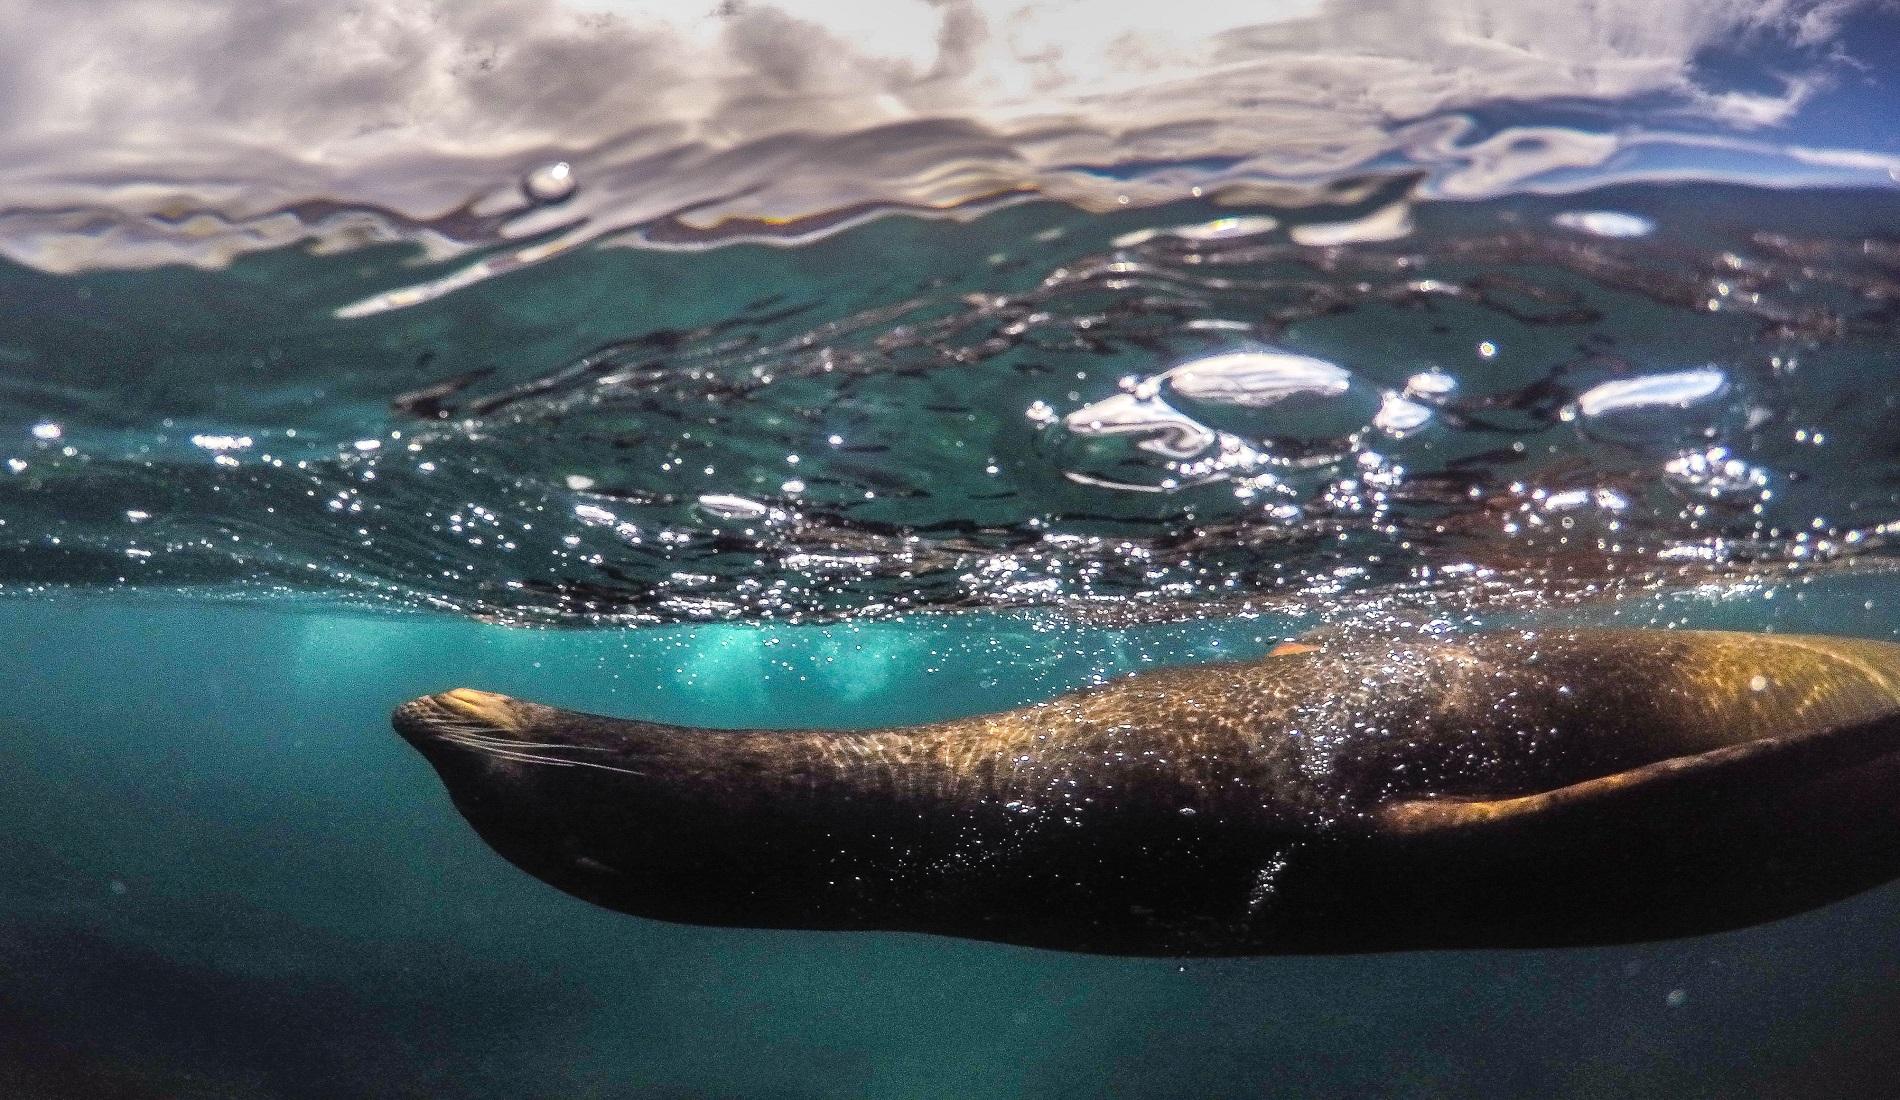 zeeleeuw duikreis galapagos eilanden